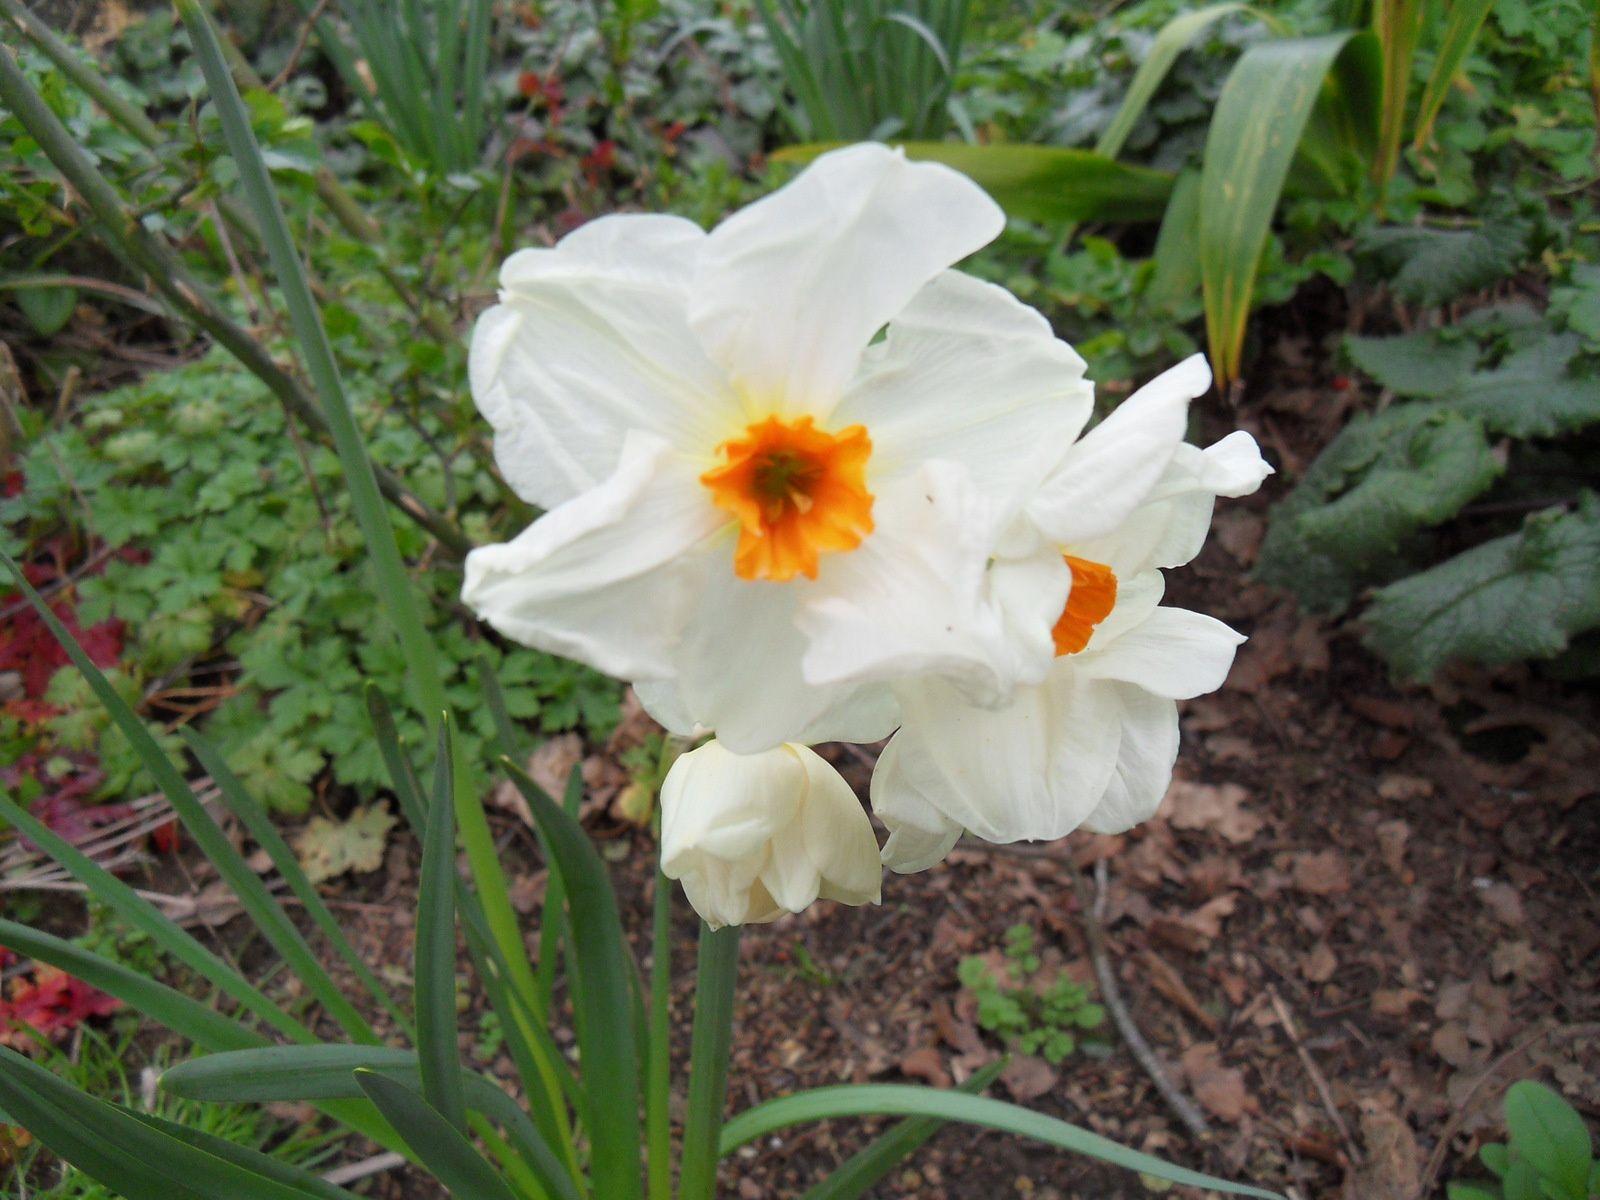 les 1eres fleurs sont enfin là et ces narcisses nous annoncent le printemps !!! les tâches jaunes sont présentes aux 4 coins du jardin ....